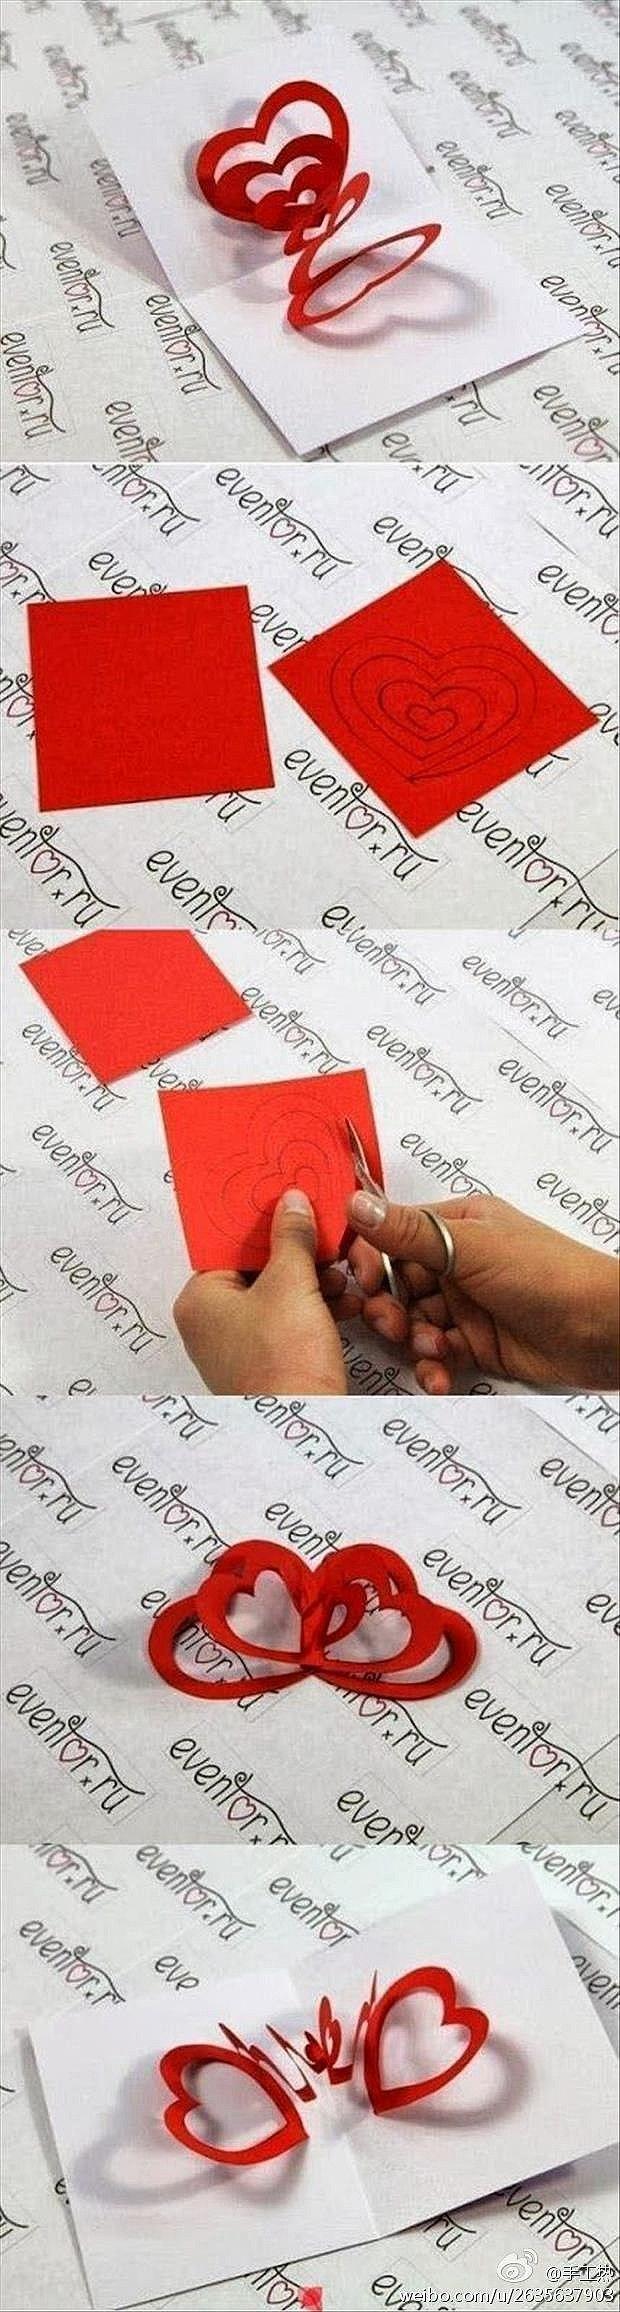 DIY handmade amor criador Liangtu de papel cut-, simples, quente, prático ~!